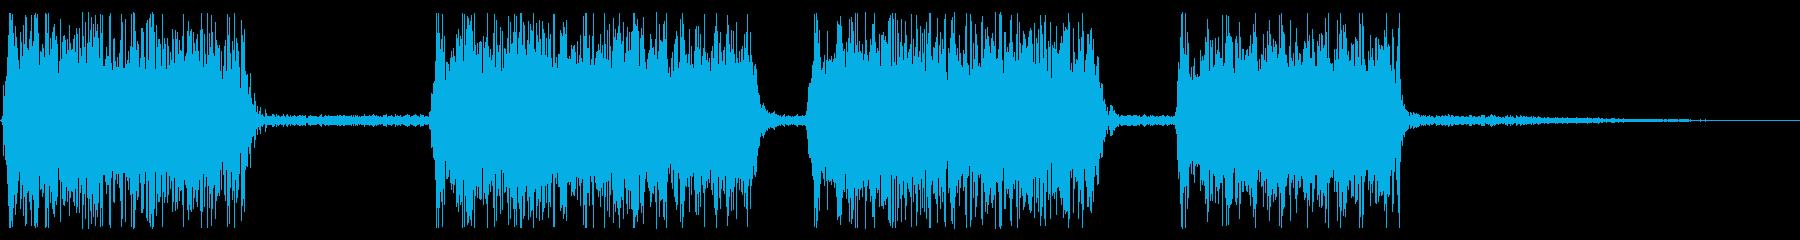 火炎放射器:さまざまな爆発の再生済みの波形